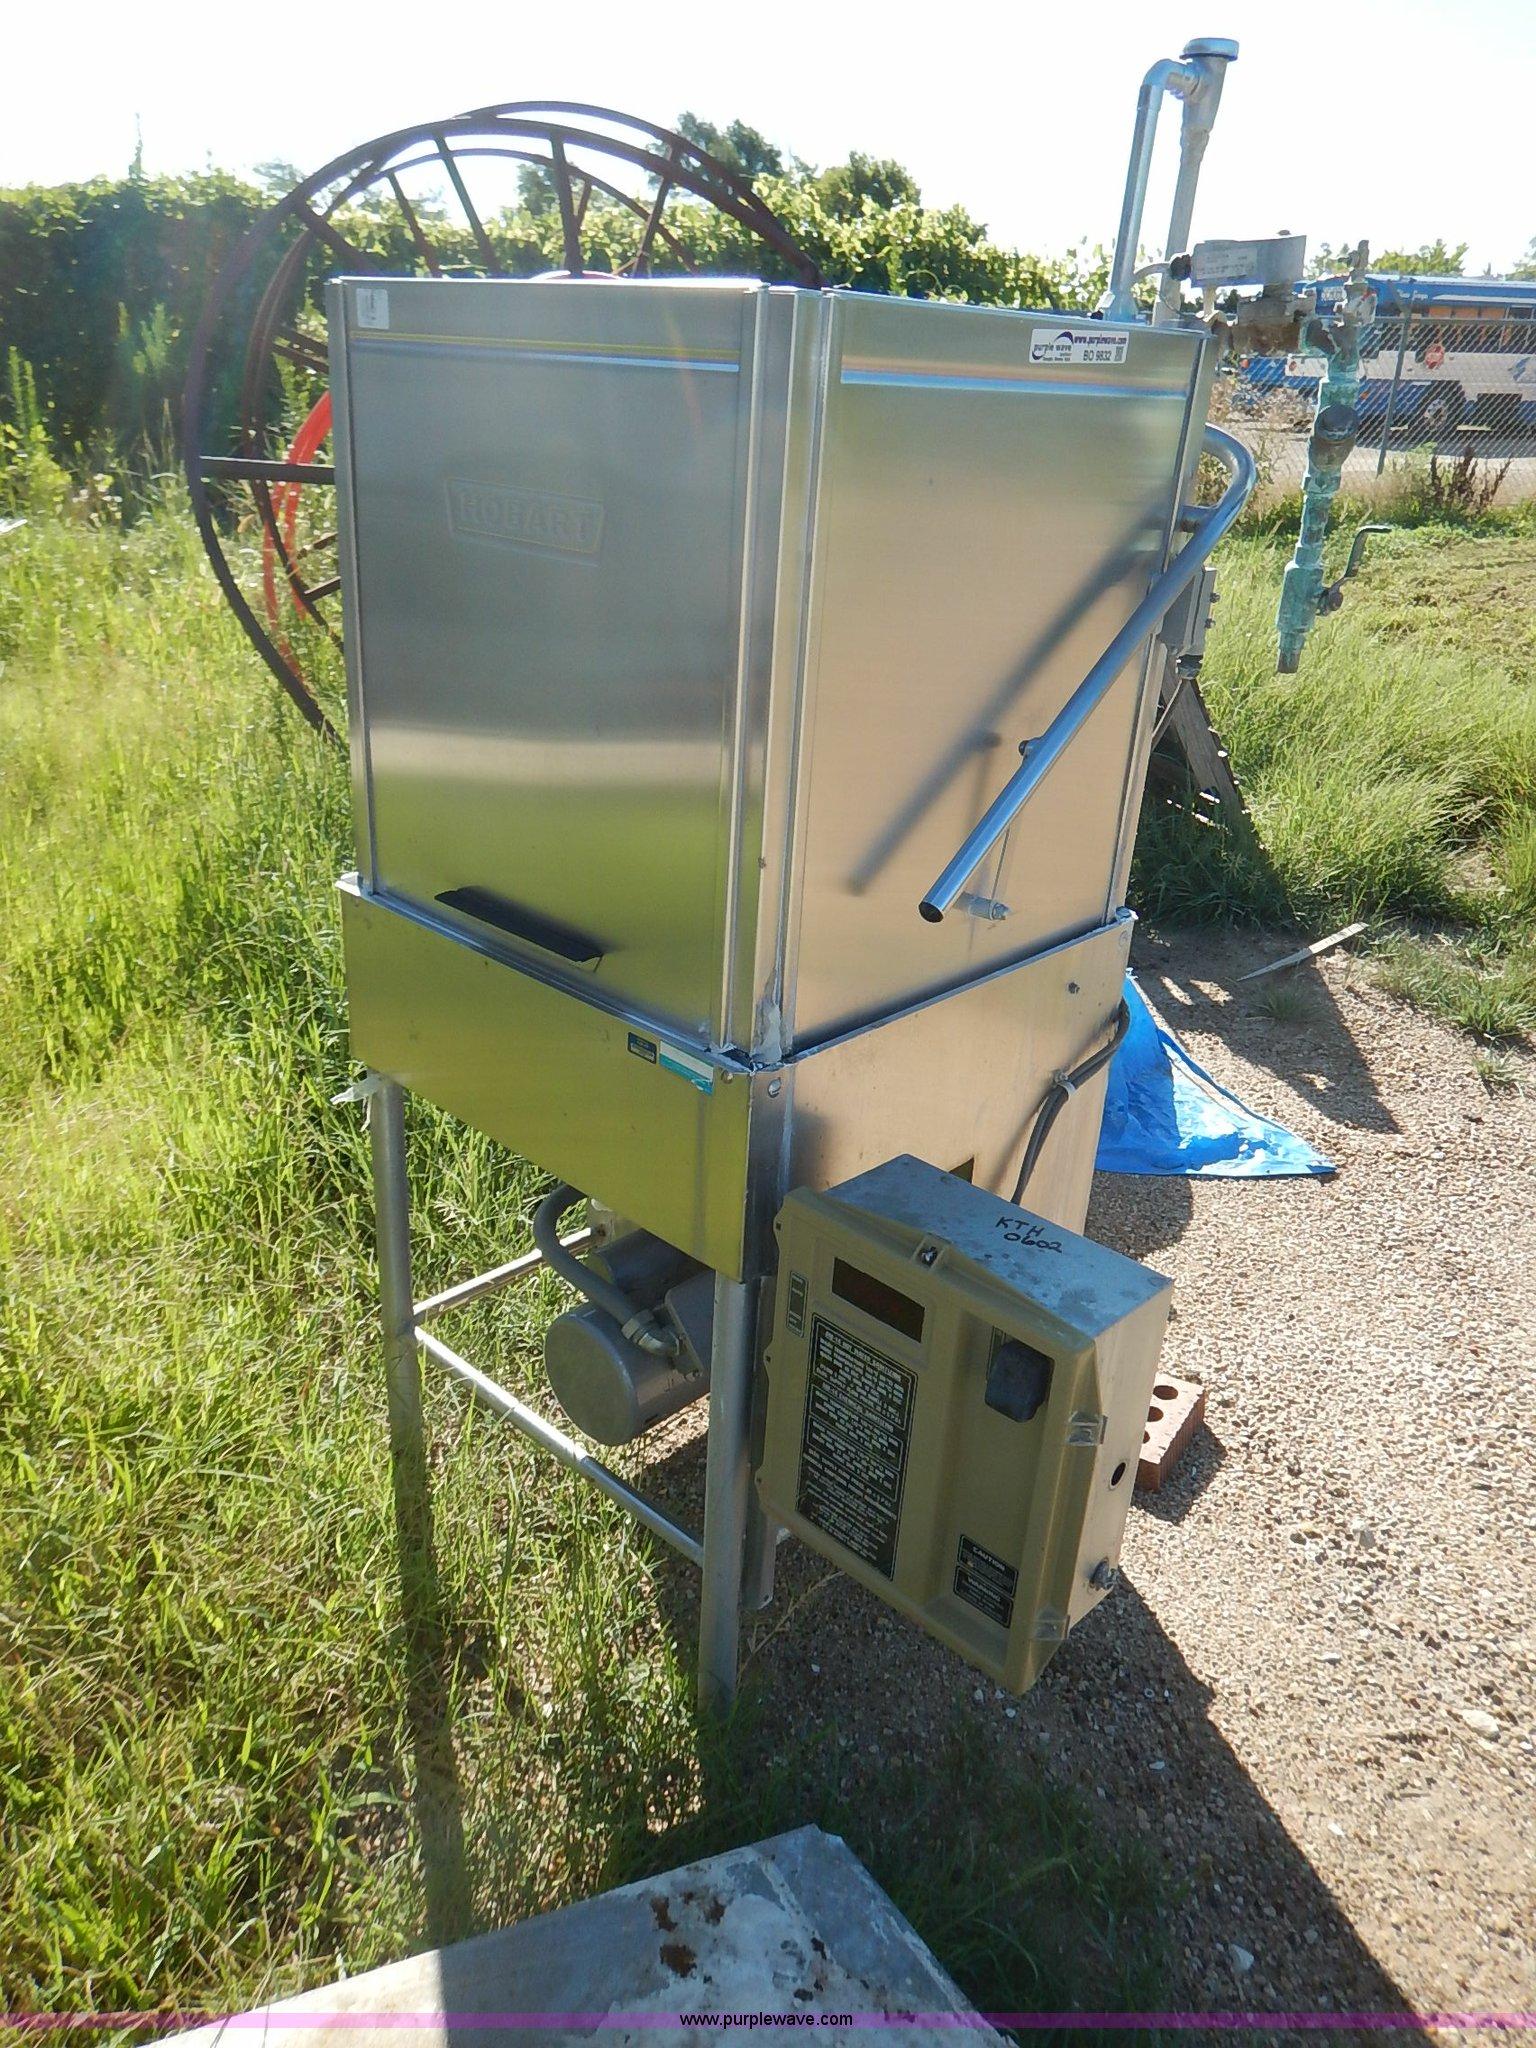 Hobart dishwasher and line unit | Item BO9832 | SOLD! Septem